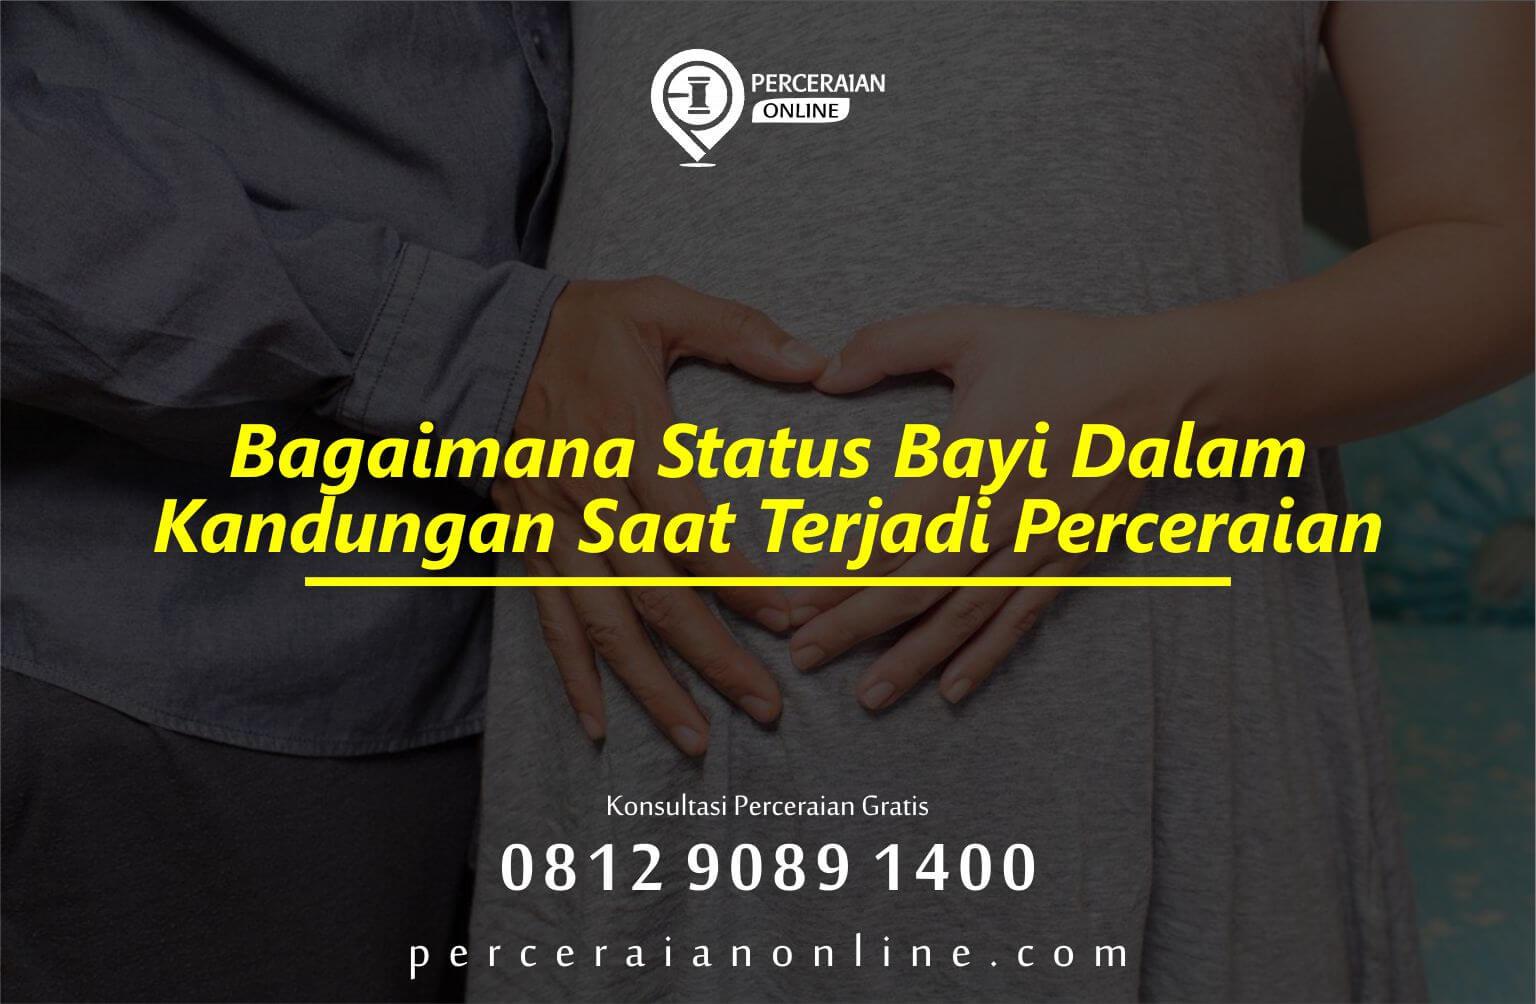 Bagaimana Status Bayi Dalam Kandungan Saat Terjadi Perceraian